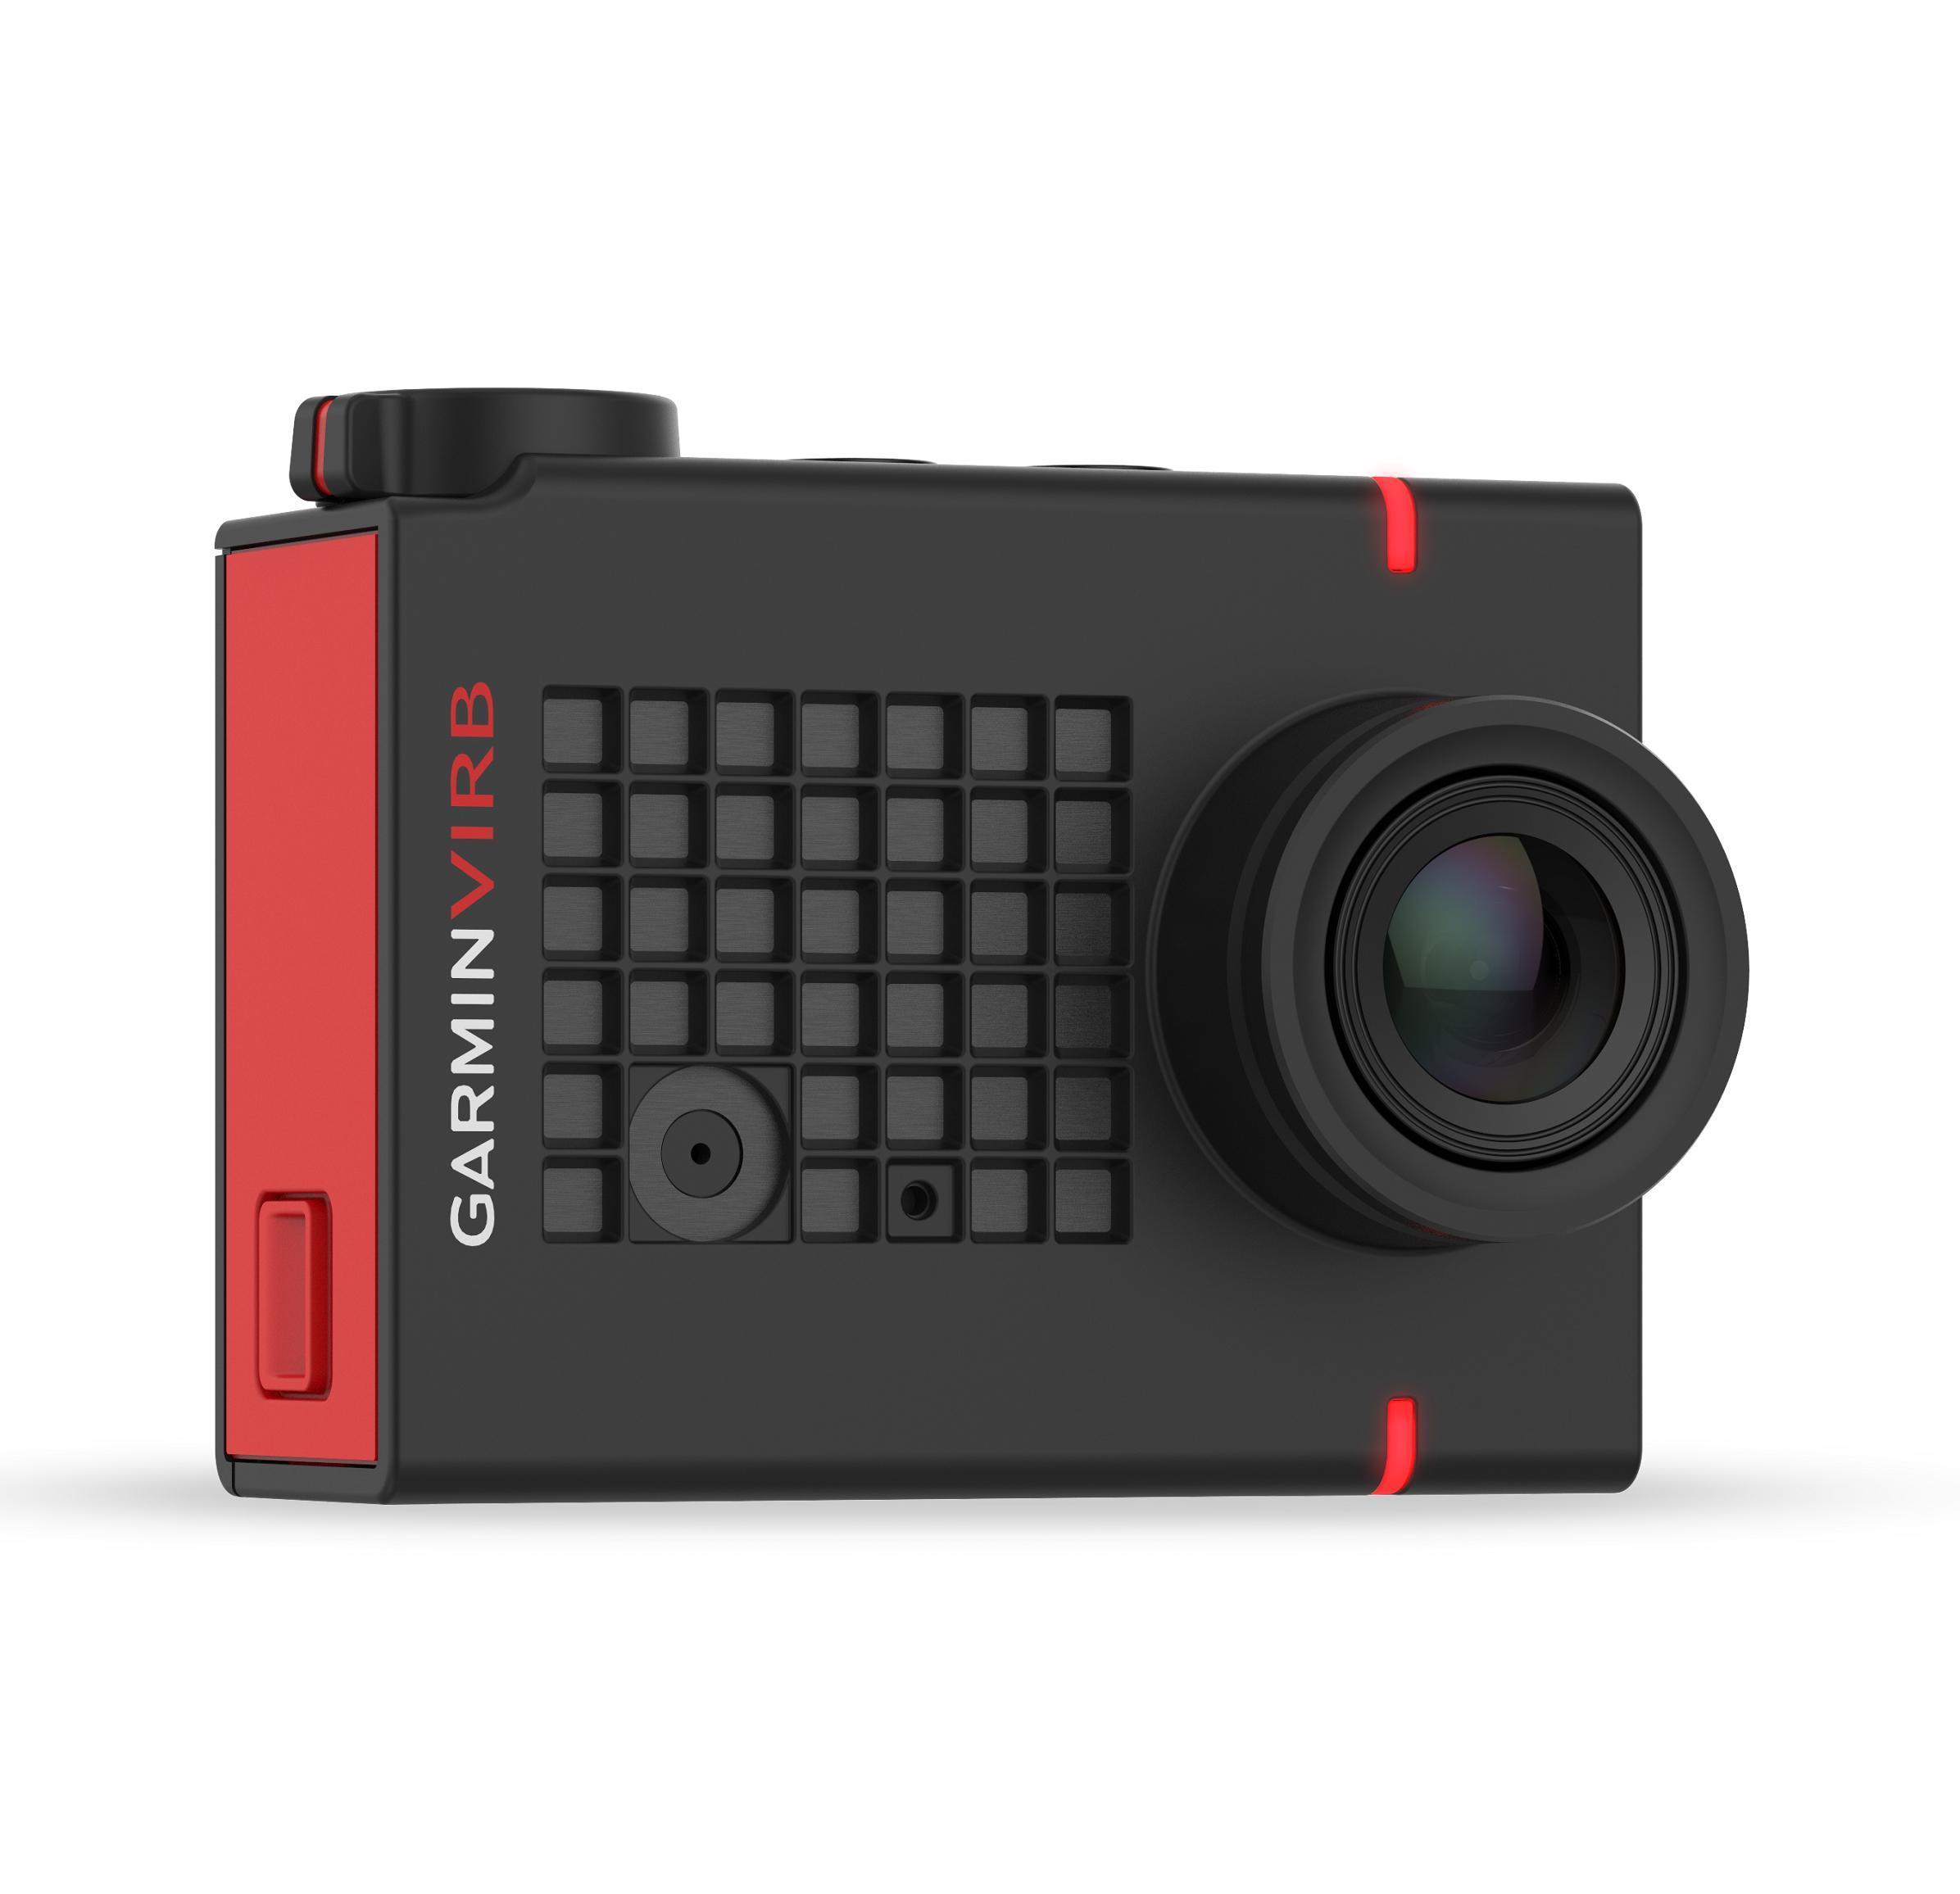 buy garmin virb ultra 30 action camera online at low. Black Bedroom Furniture Sets. Home Design Ideas